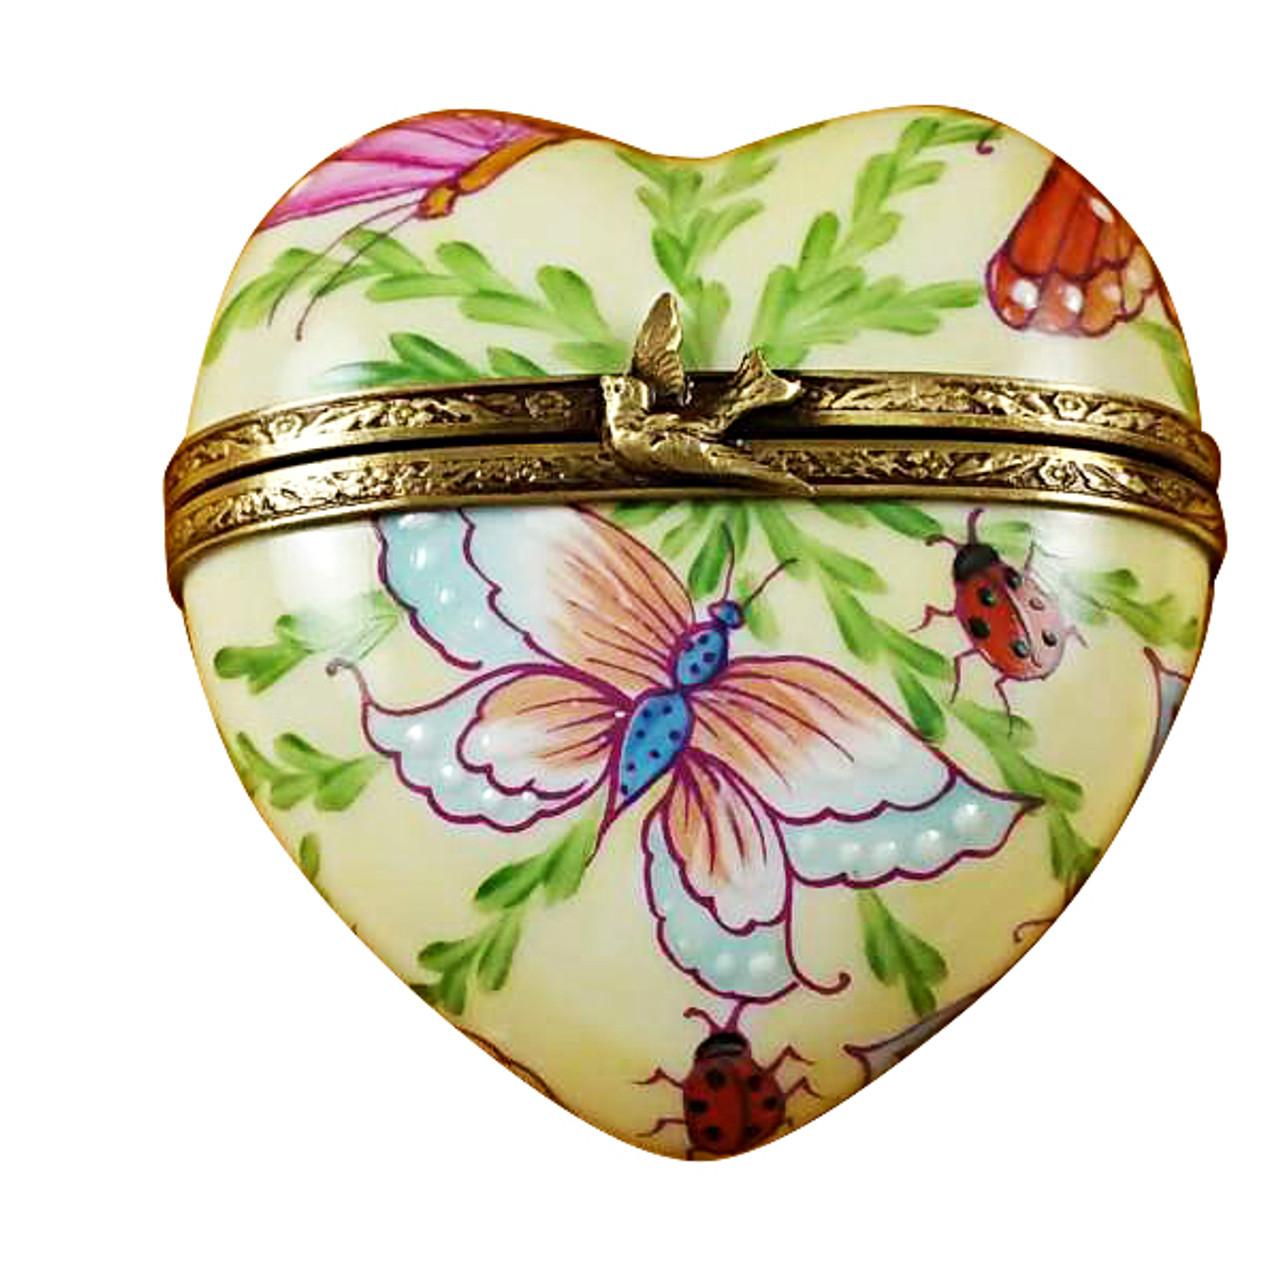 Rochard BUTTERFLY HEART Limoges Box RH150